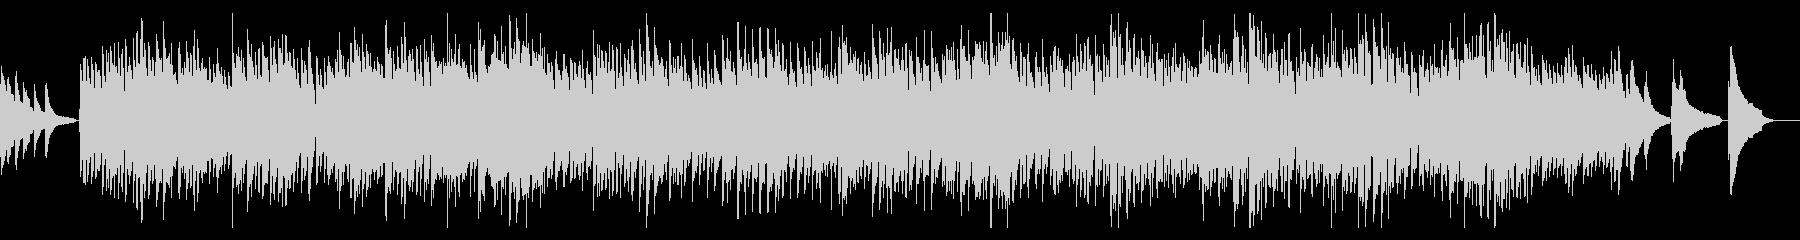 エンディング風、切なく感動的なピアノ曲の未再生の波形